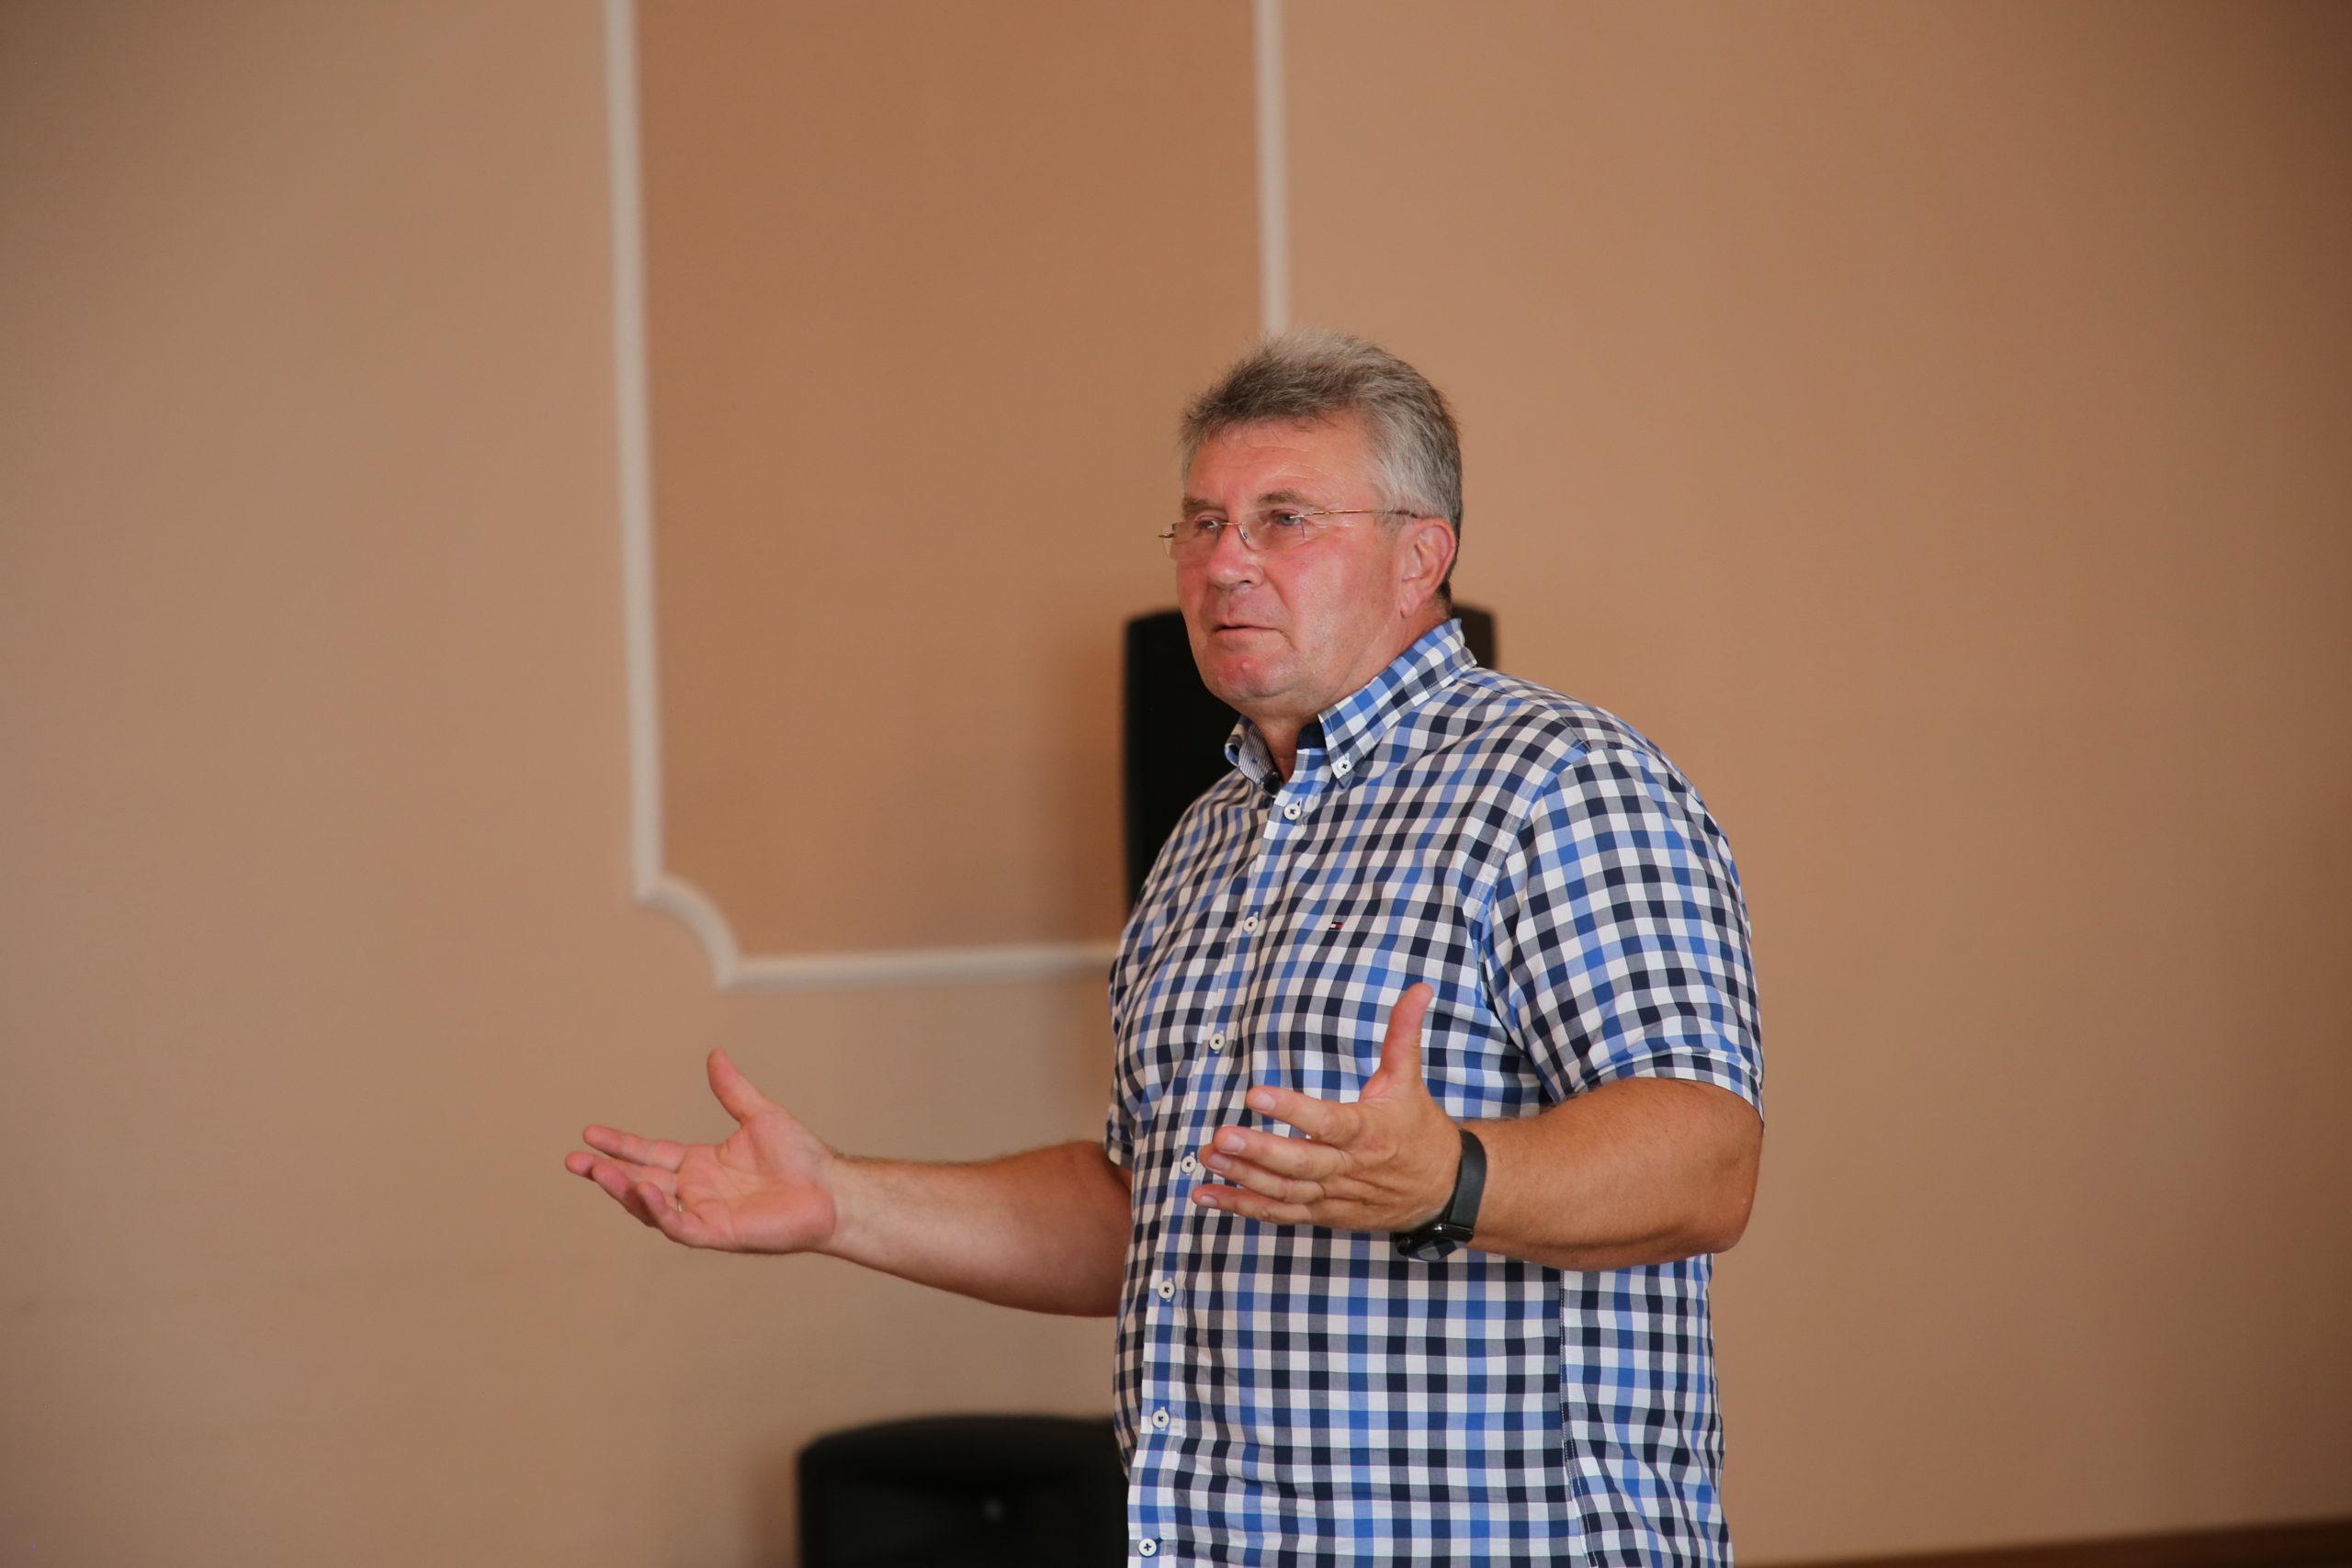 Марина Цуркан: Идея Андрея Белоцерковского даст новые стимулы и Ржеву, и университету